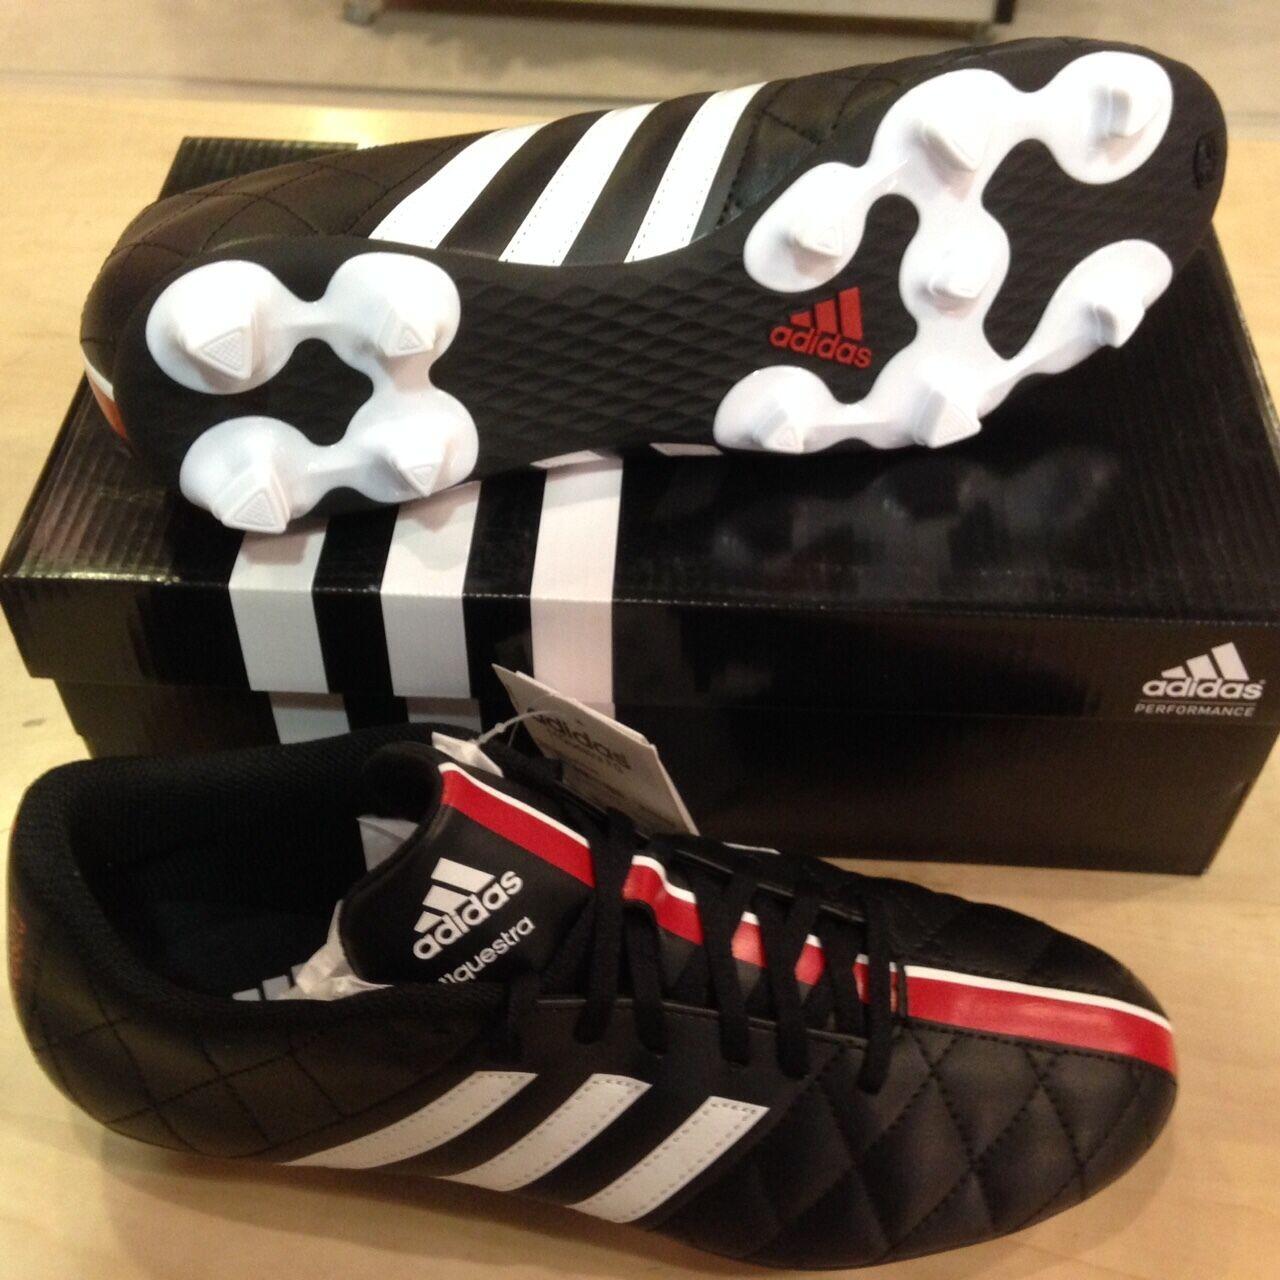 Adidas Fußballschuhe 11 Questra TRX FG B36032 B36032 B36032 Aktion 39 40 41 42 43 44 45 45 47 c94574